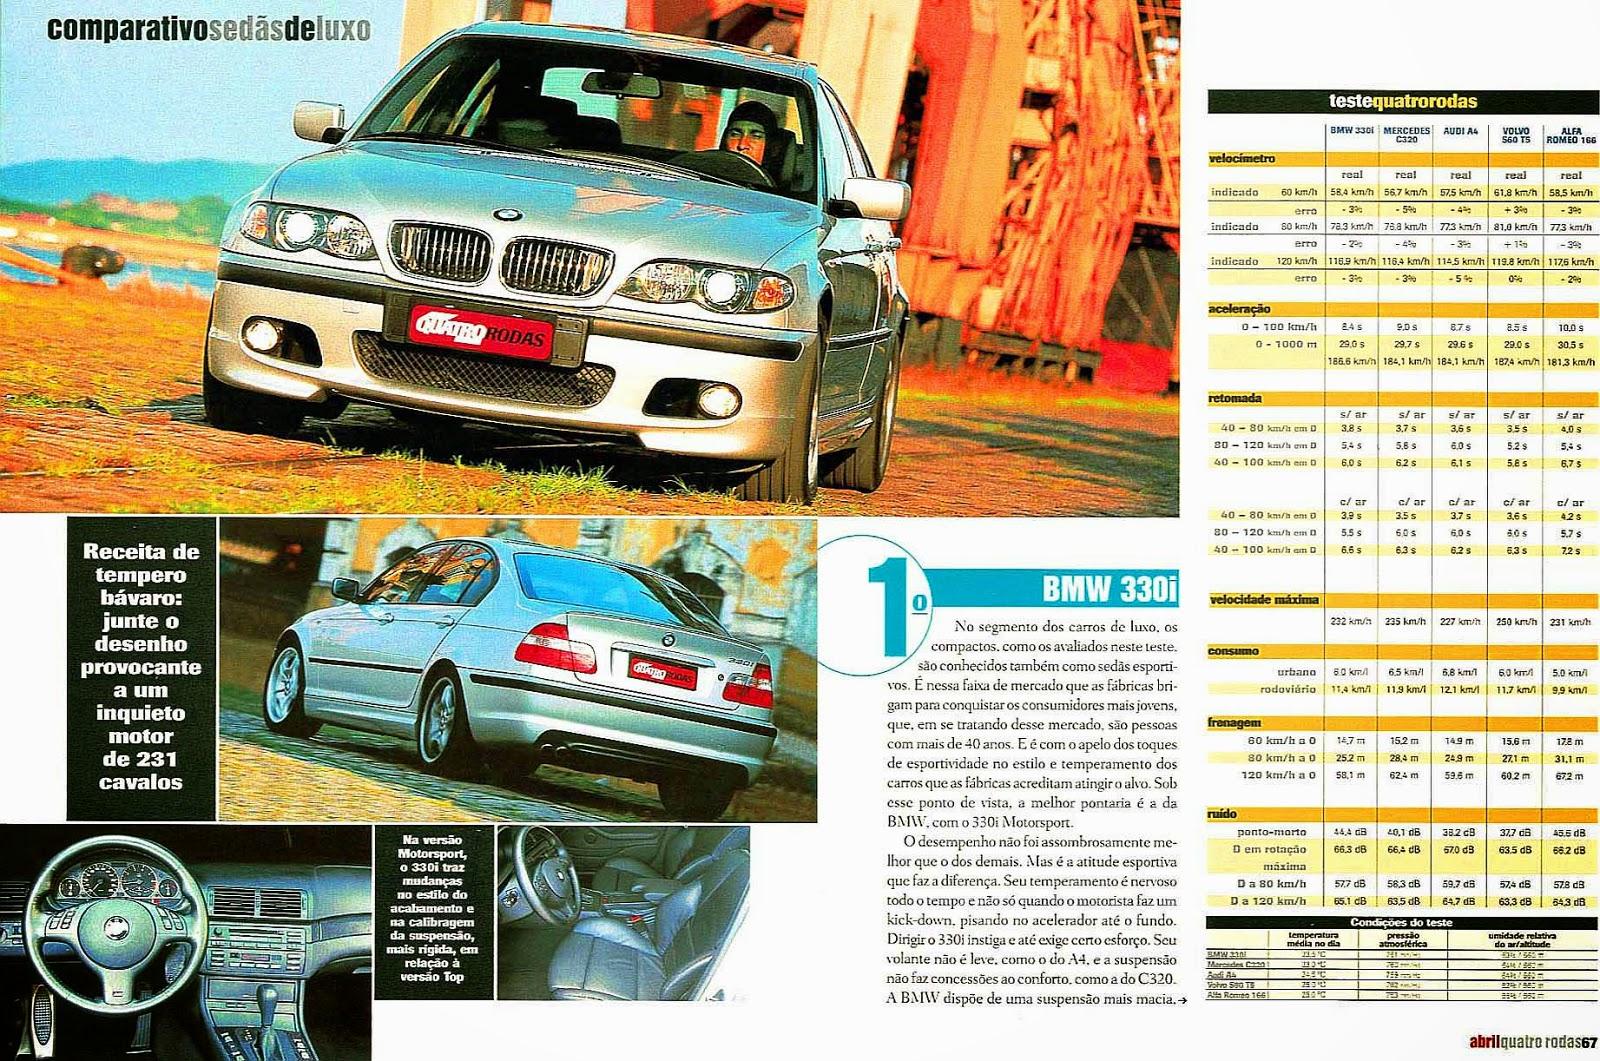 (W203): Avaliação - Revista Quatro Rodas - C320 x BMW 330i x Audi A4 x Volvo S60 T5 x Alfa Romeo 166 - abril/2002 501%2C067%2C42%2C04%2CTE